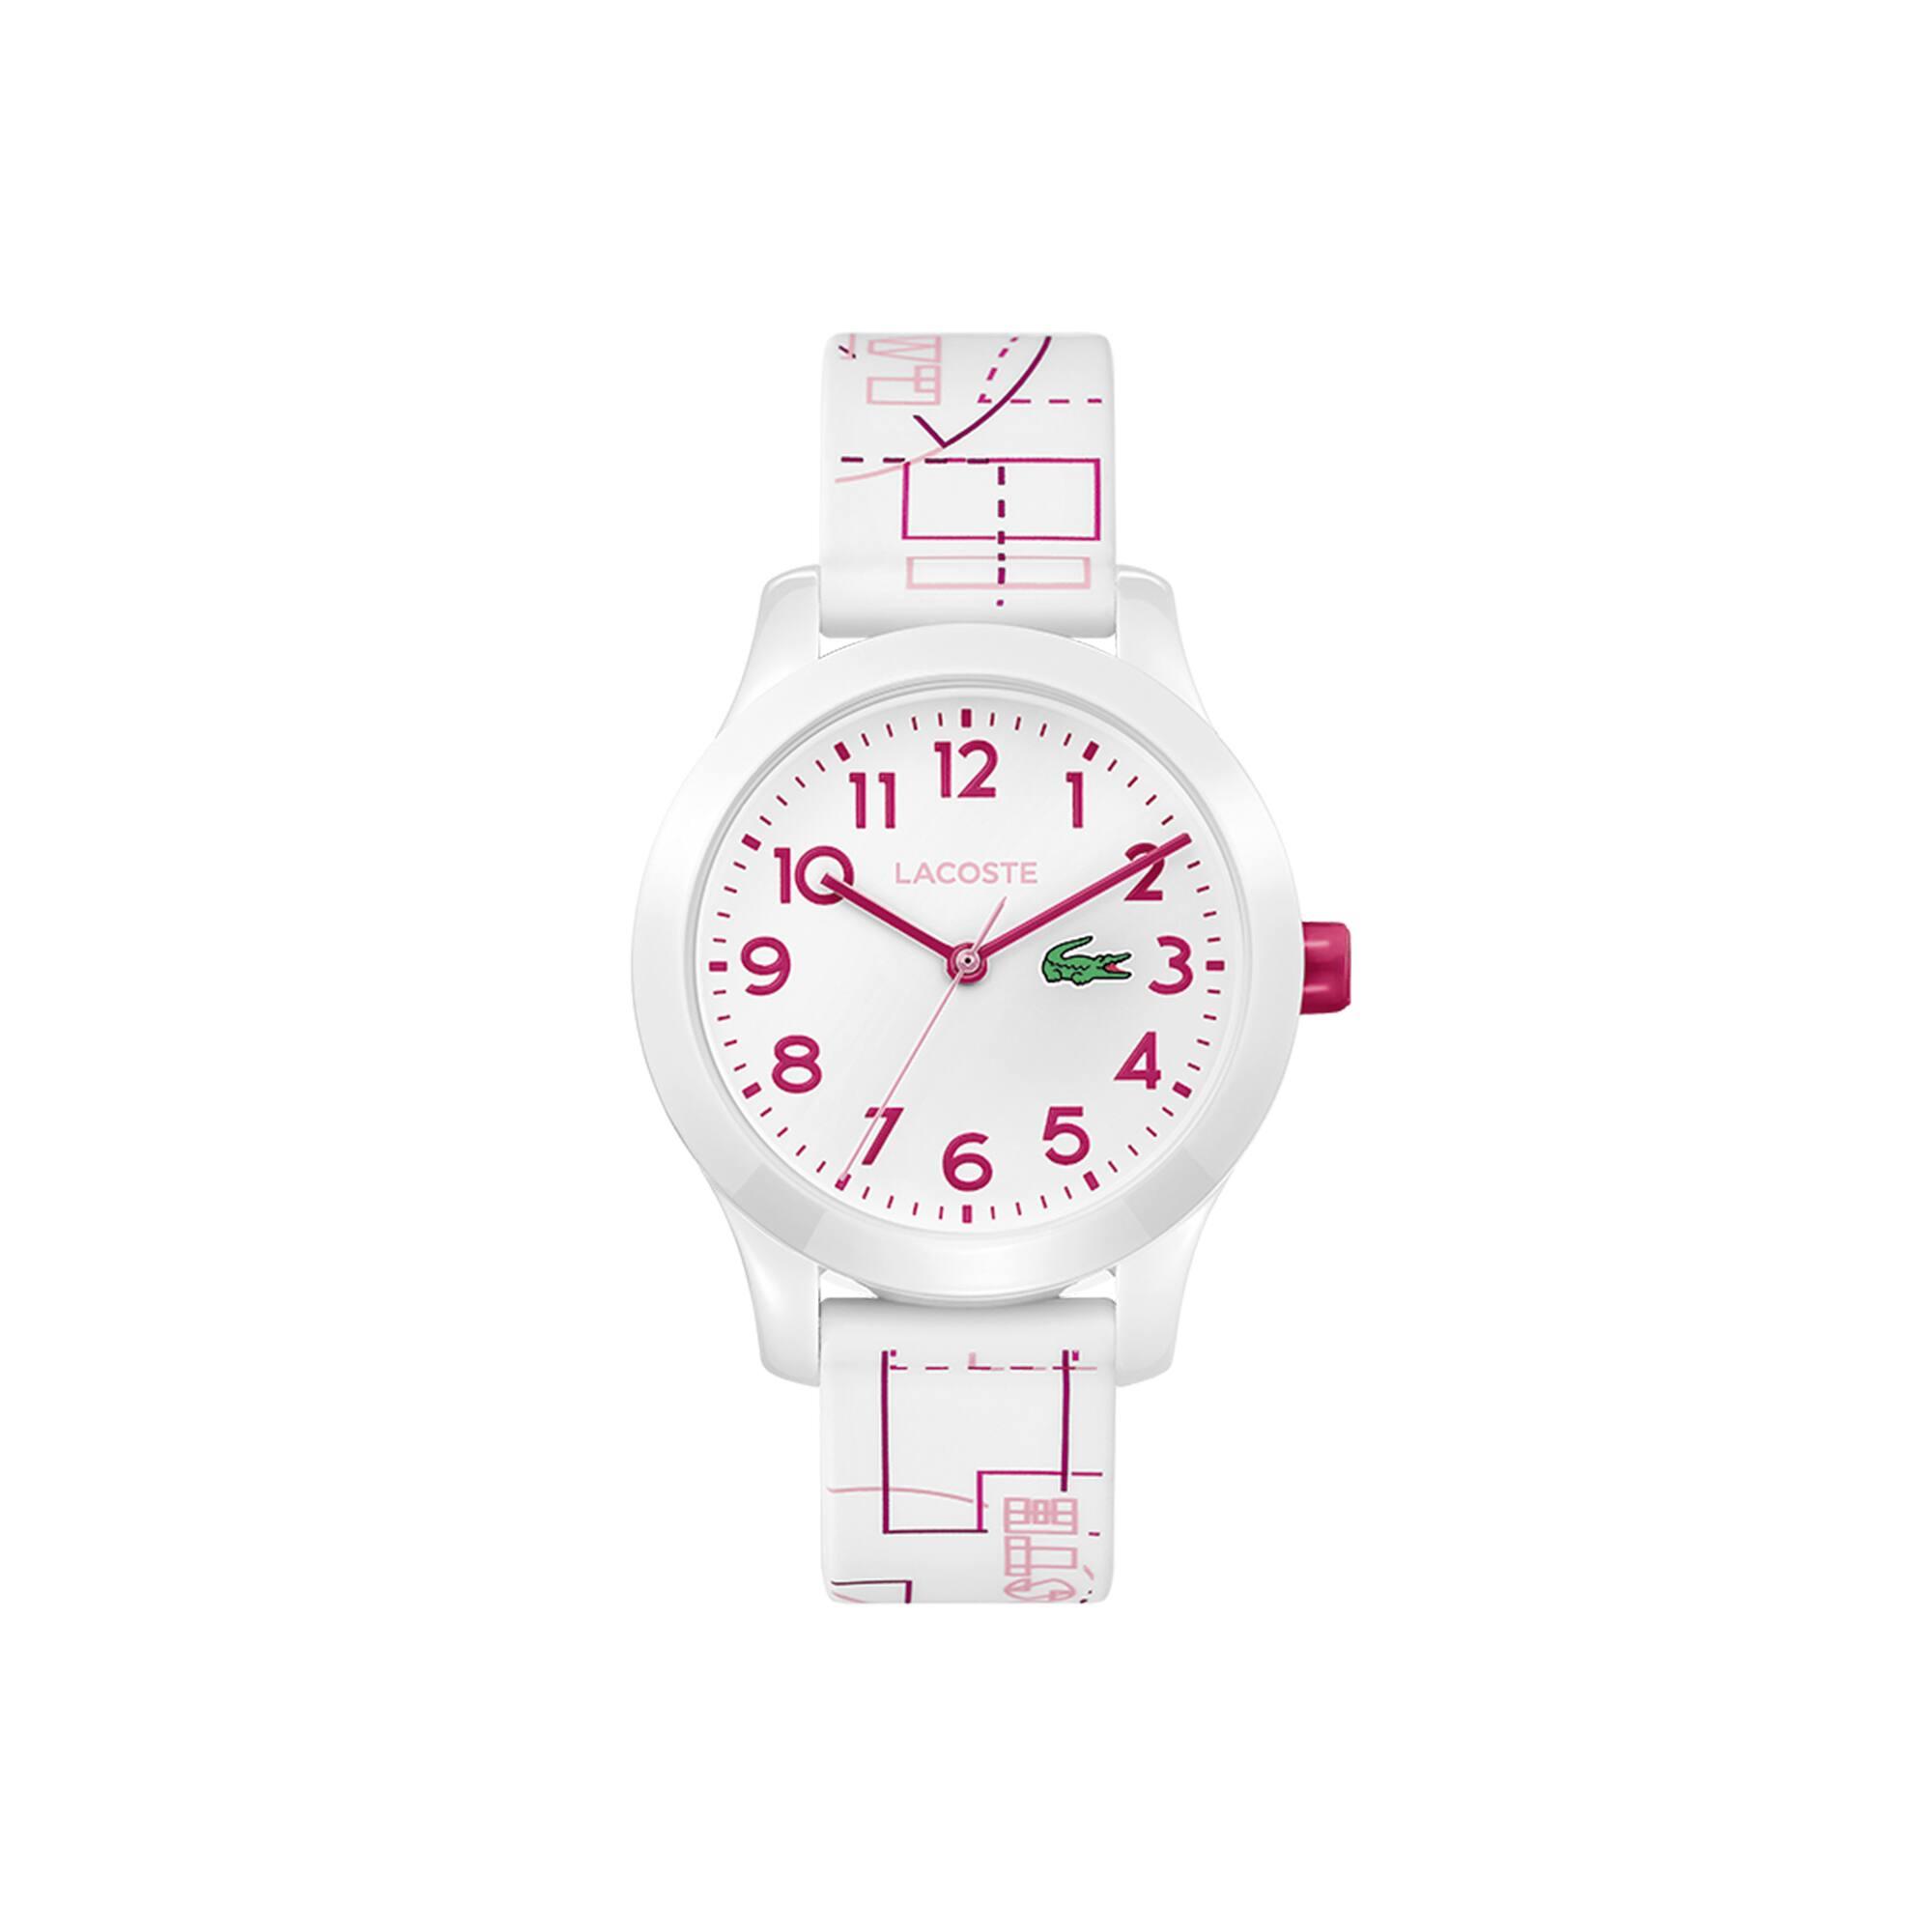 Relógio Lacoste 12.12 de criança com bracelete de silicone branca